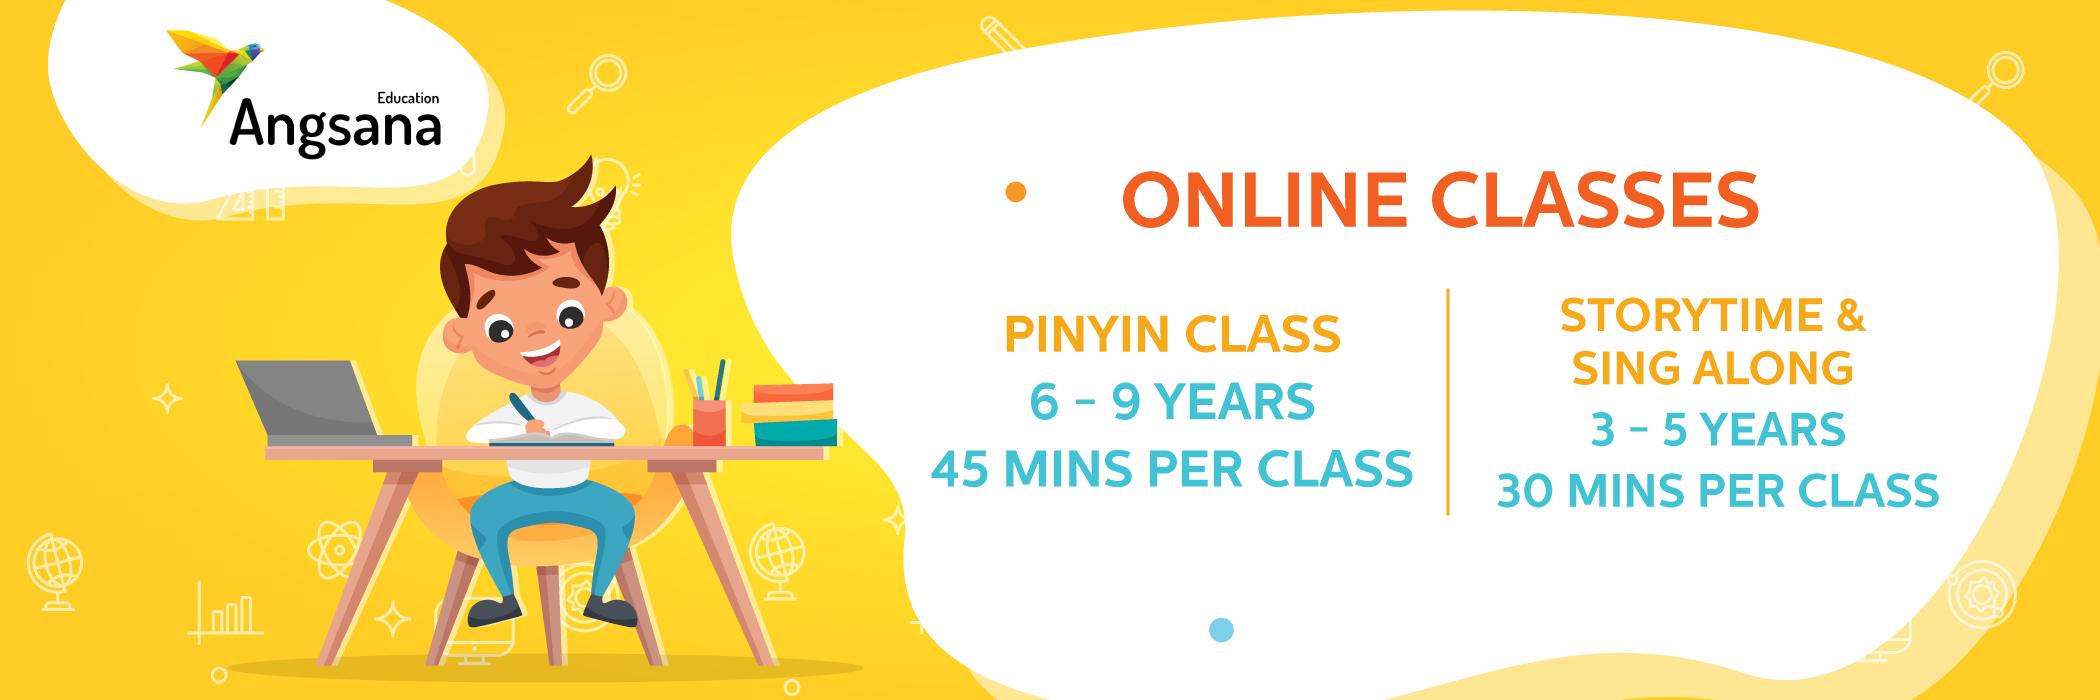 online-classes-web-banner